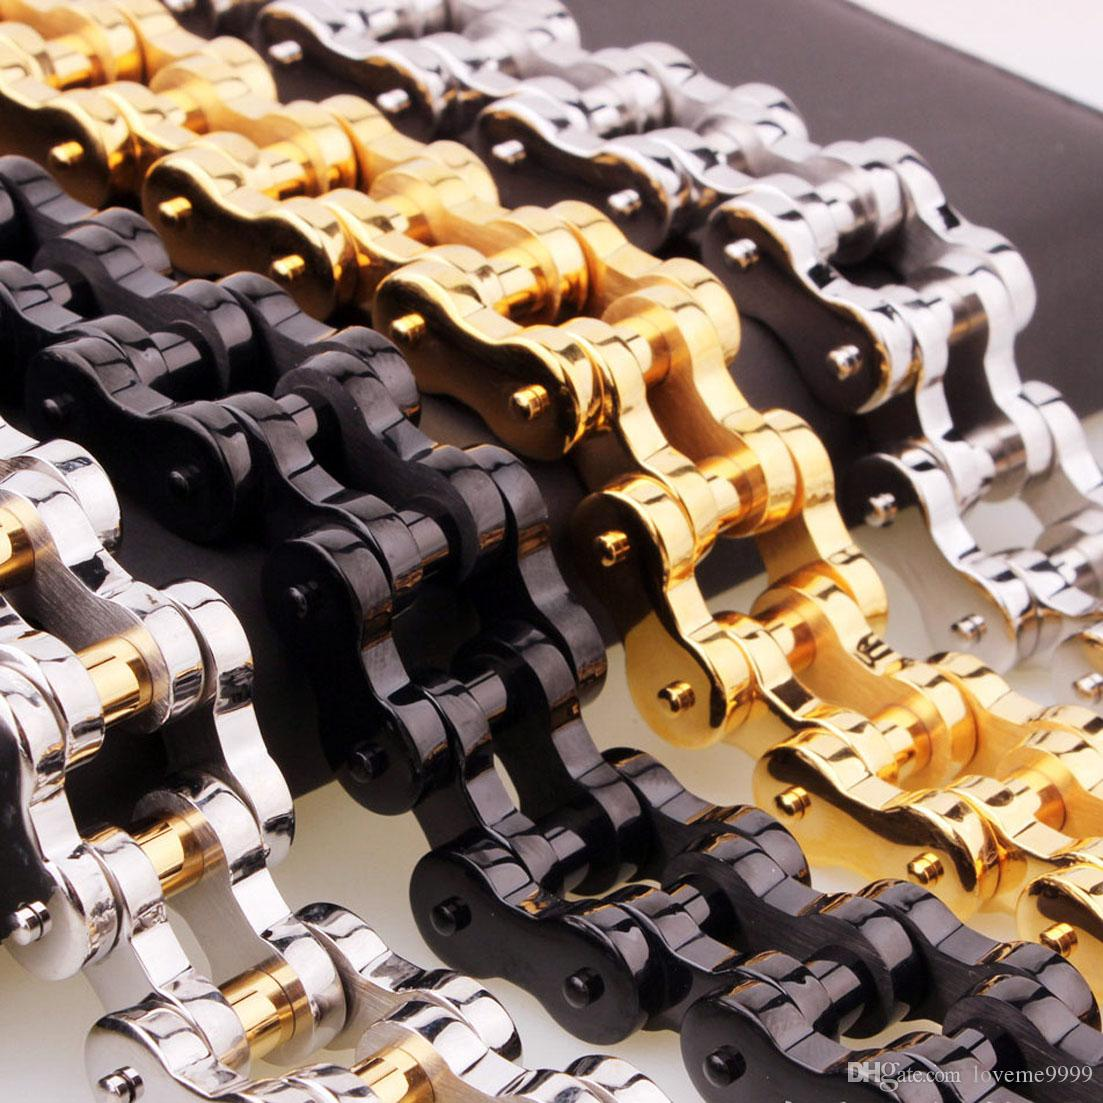 Высокое качество титана стали 18 мм широкий 23 см длина тяжелый байкер велосипед цепи браслеты браслеты высокой полированной скобка кружева мужчины Мото ювелирные изделия